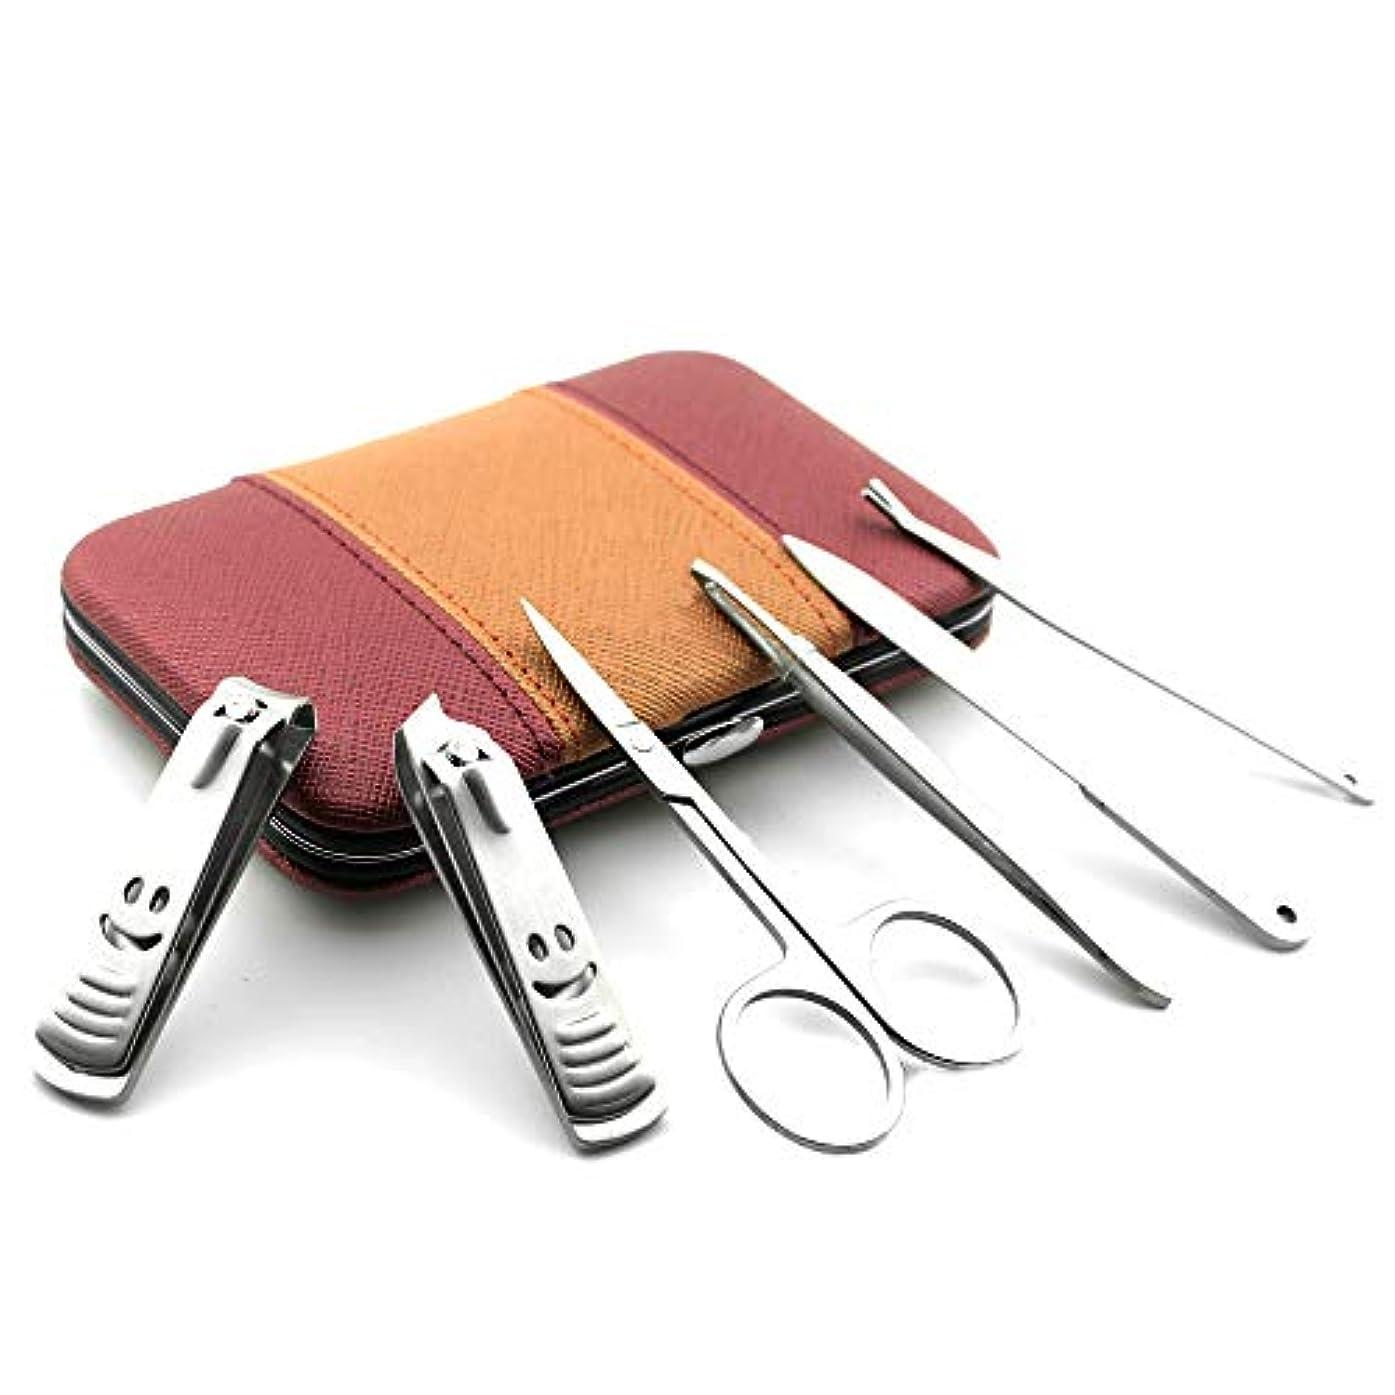 アウター急勾配の良性爪切りセット多機能 美容セット携帯便利男女兼用 爪切りセット、6点セット